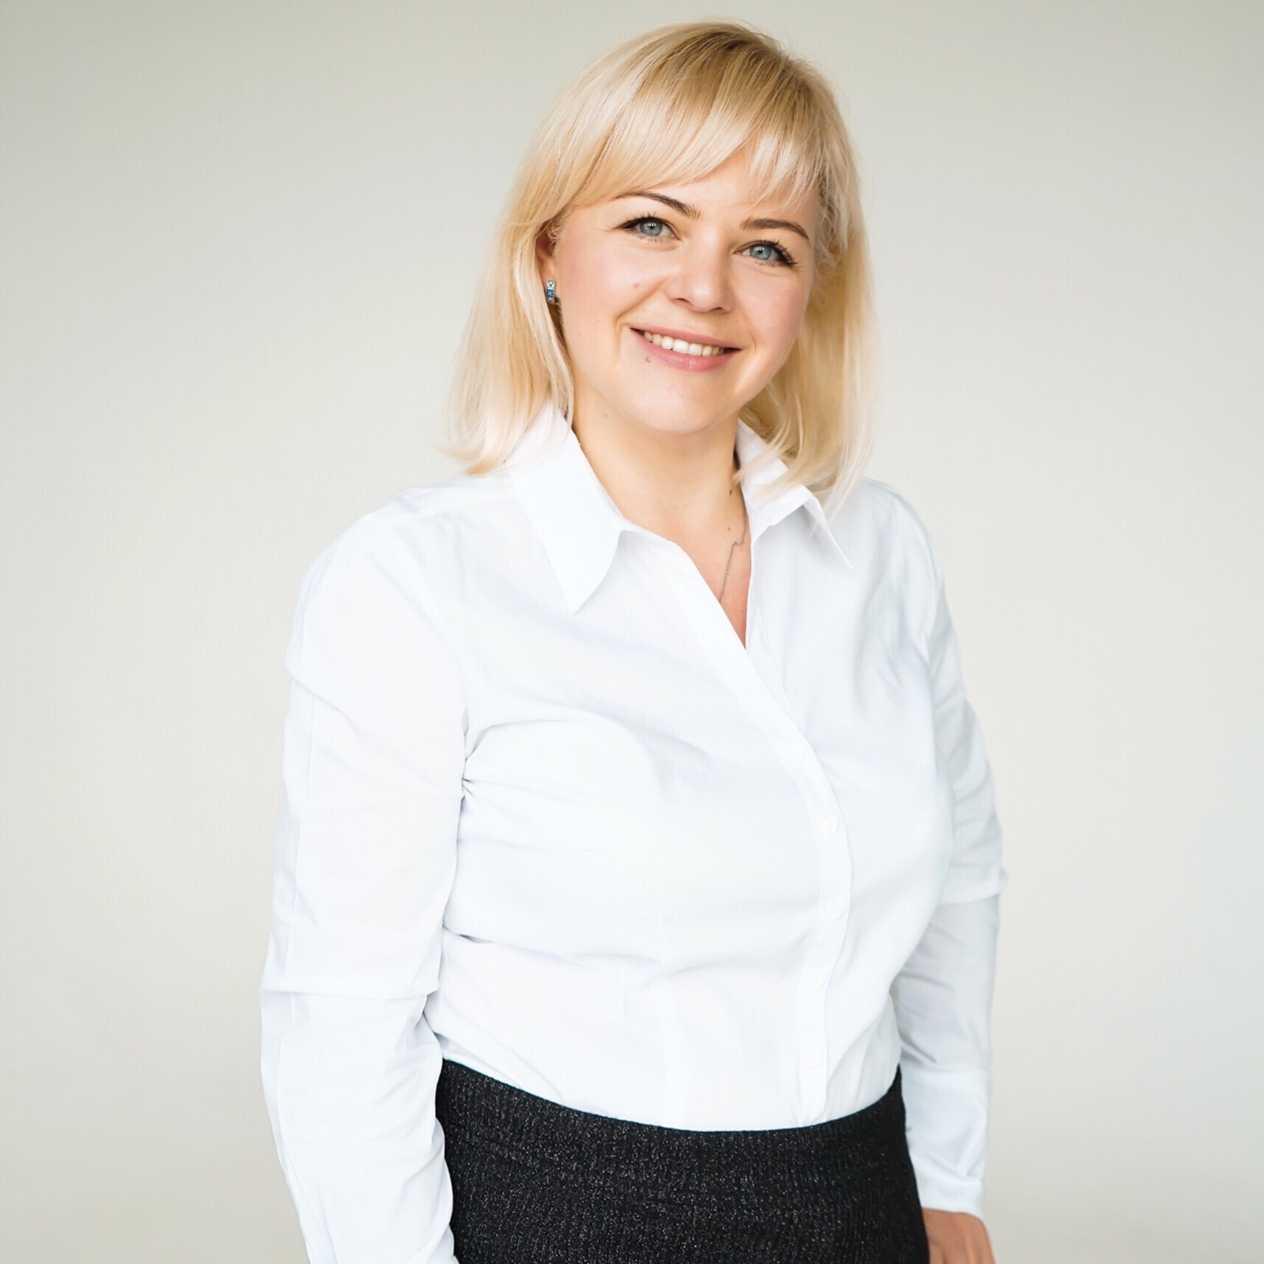 Uliana Dorofeyeva, MD